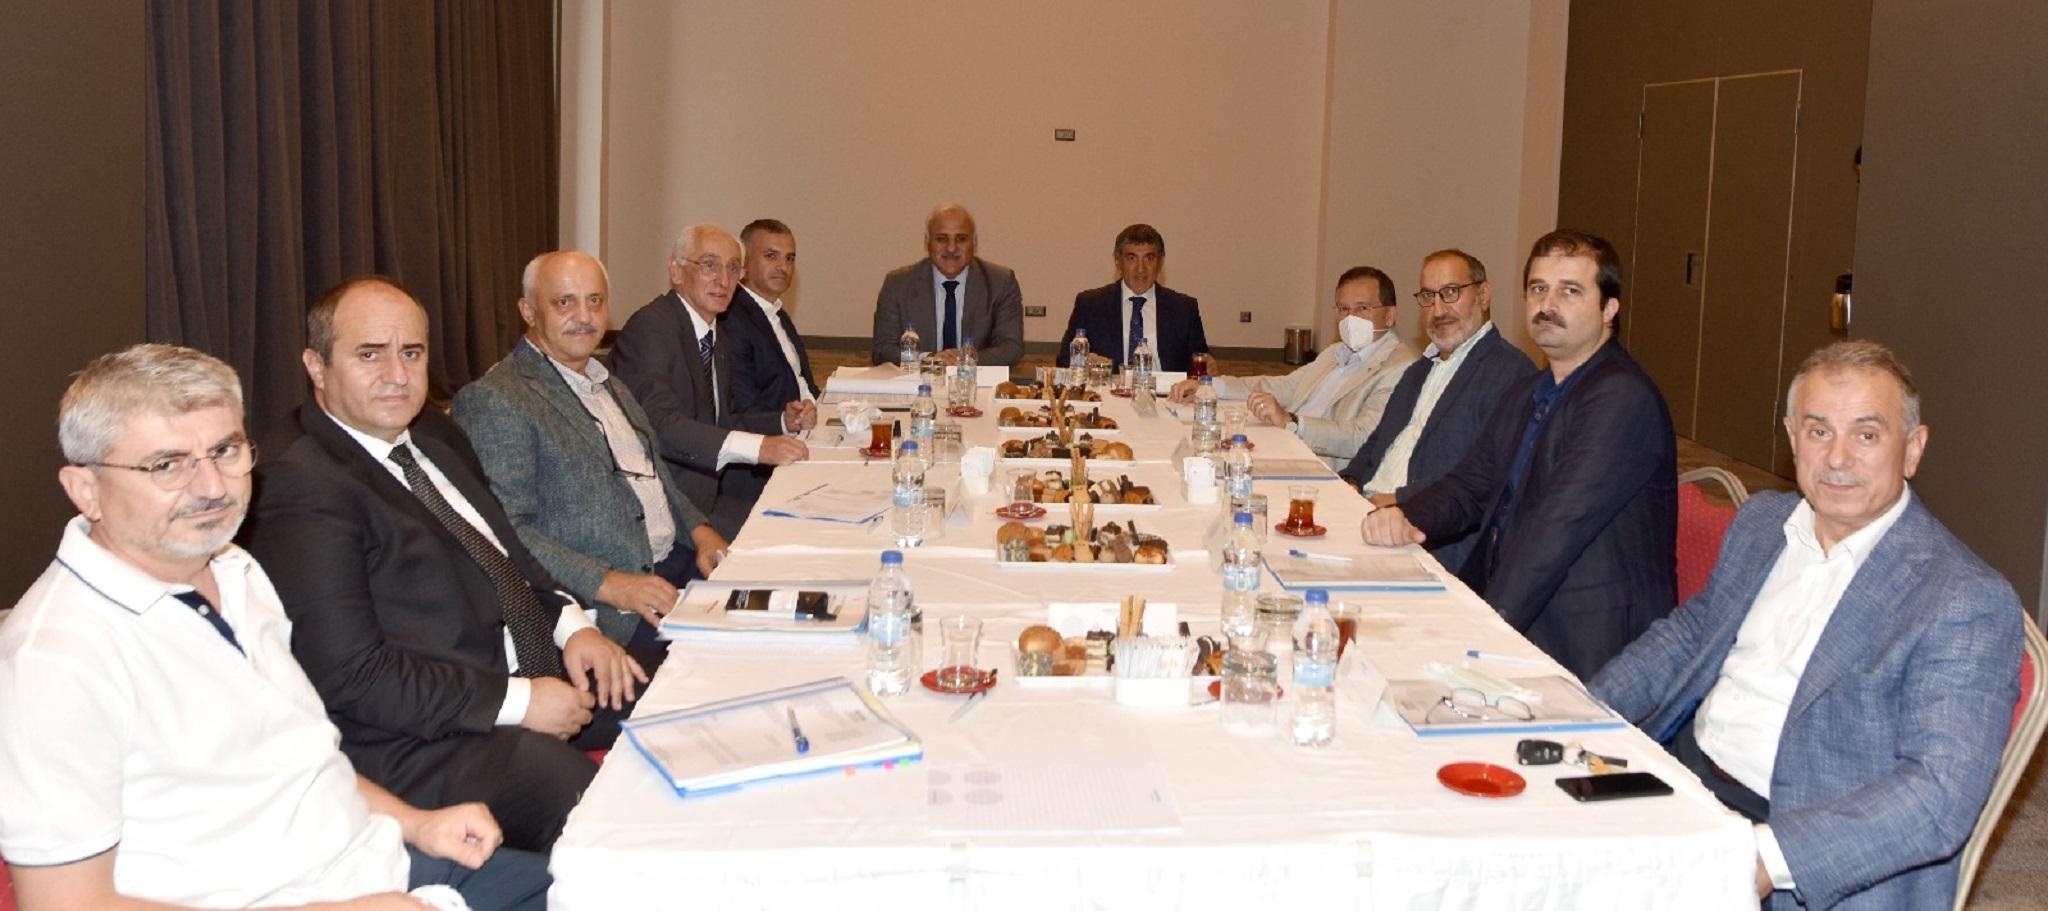 Trabzon DTM Toplantısında gündemdeki konular ele alındı